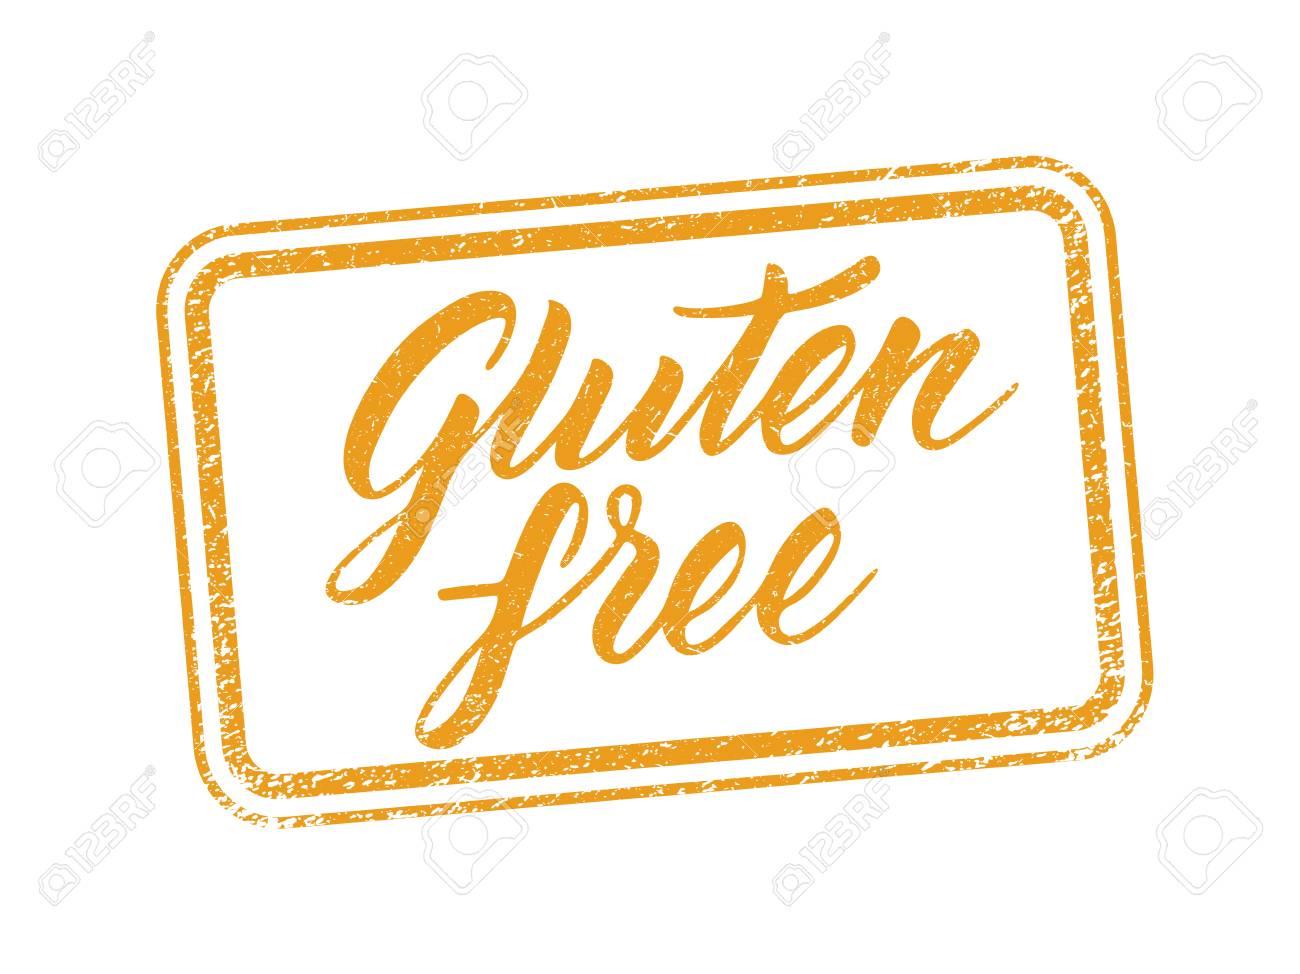 El Gluten Libera El Sello Con Leyendas Grabadas Dibujado A Mano ...